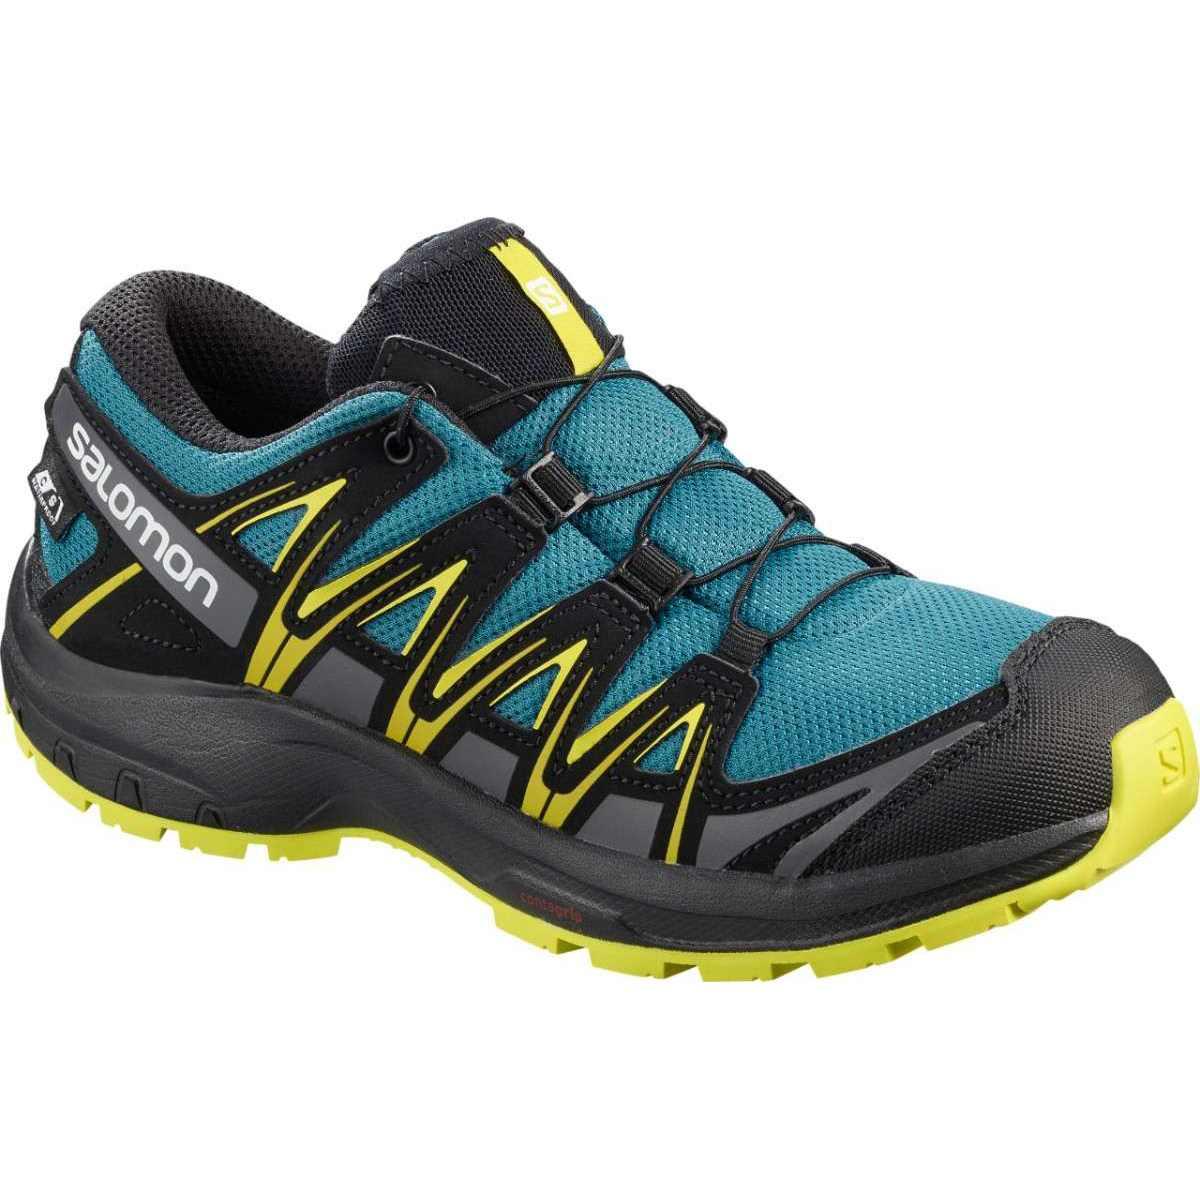 Salomon Pantofi alergare Salomon XA PRO 3D CSWP J - Albastru